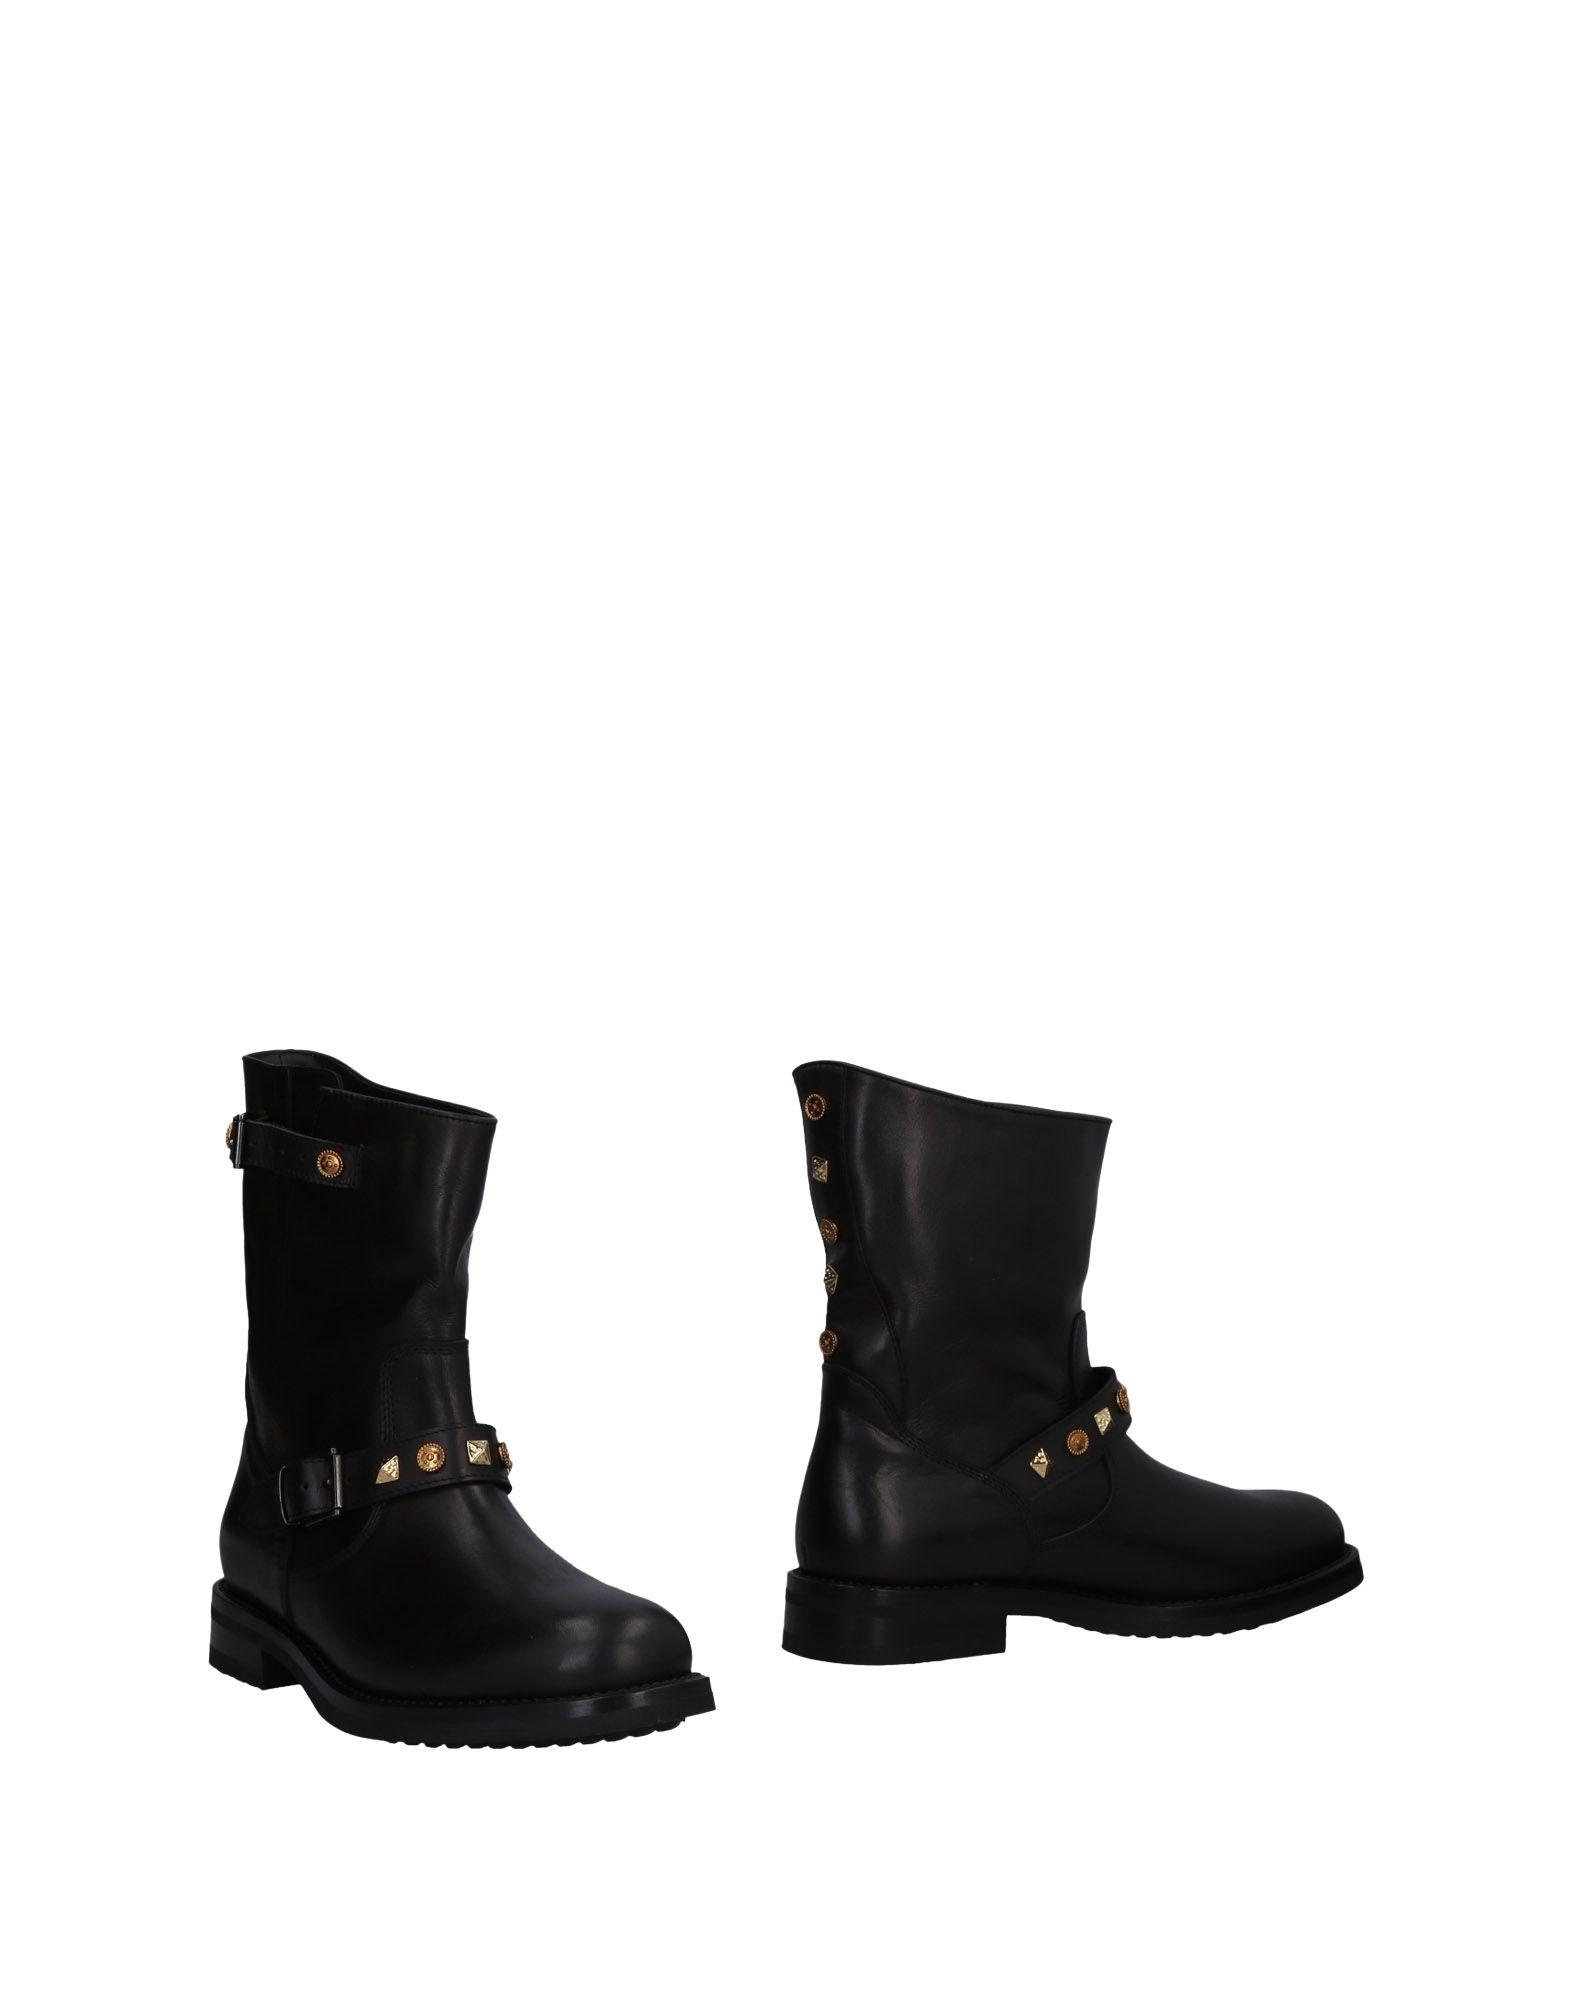 Fausto Puglisi Stiefelette Herren  11495452AN Gute Qualität beliebte Schuhe